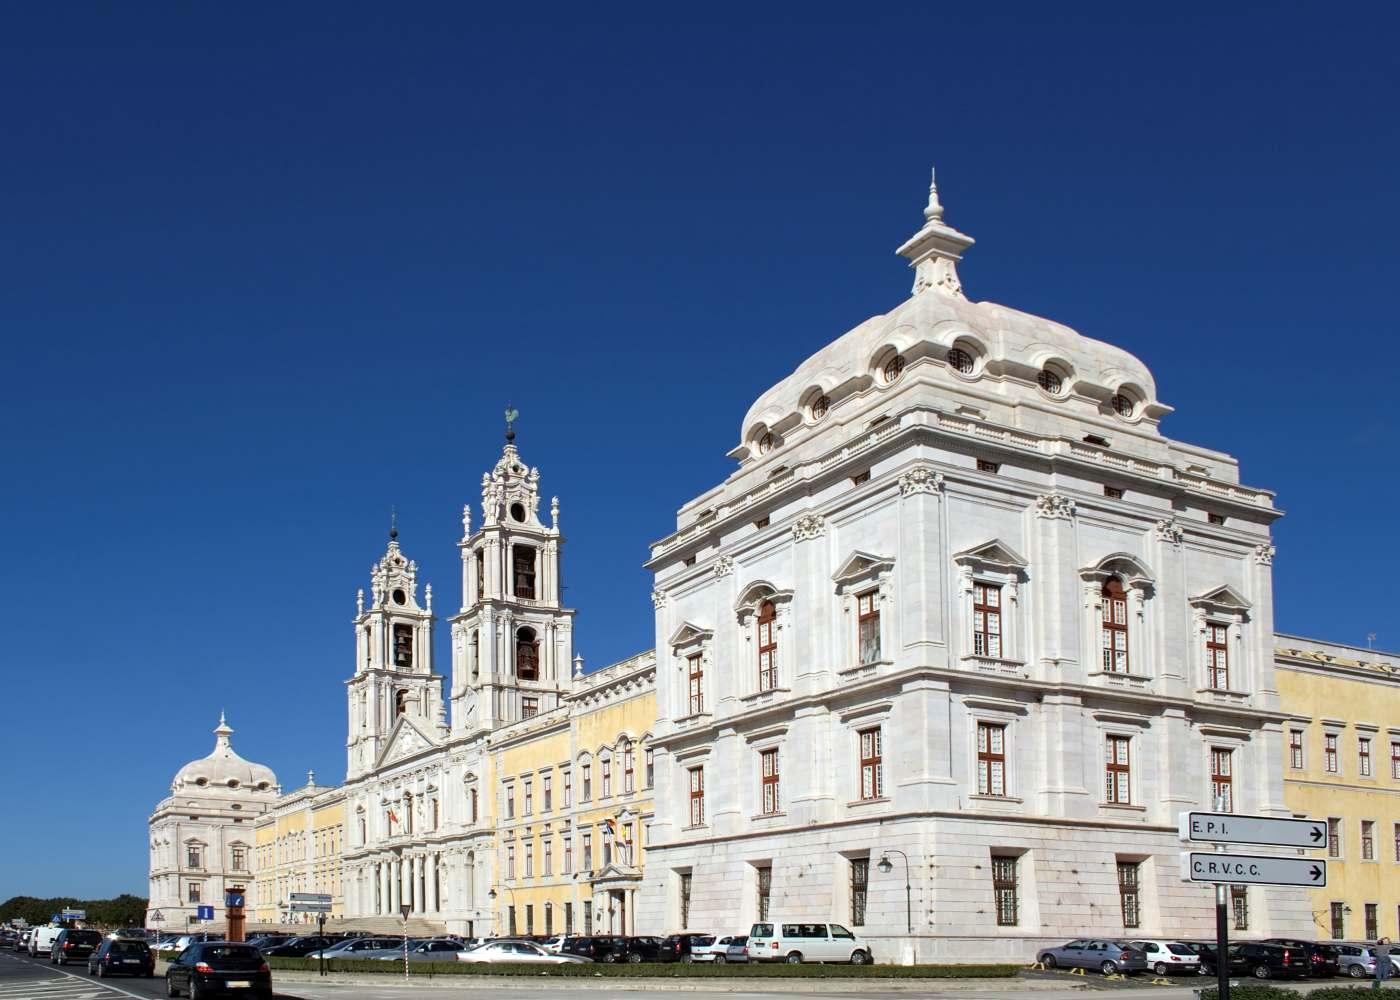 Convento de Mafra na região de Lisboa